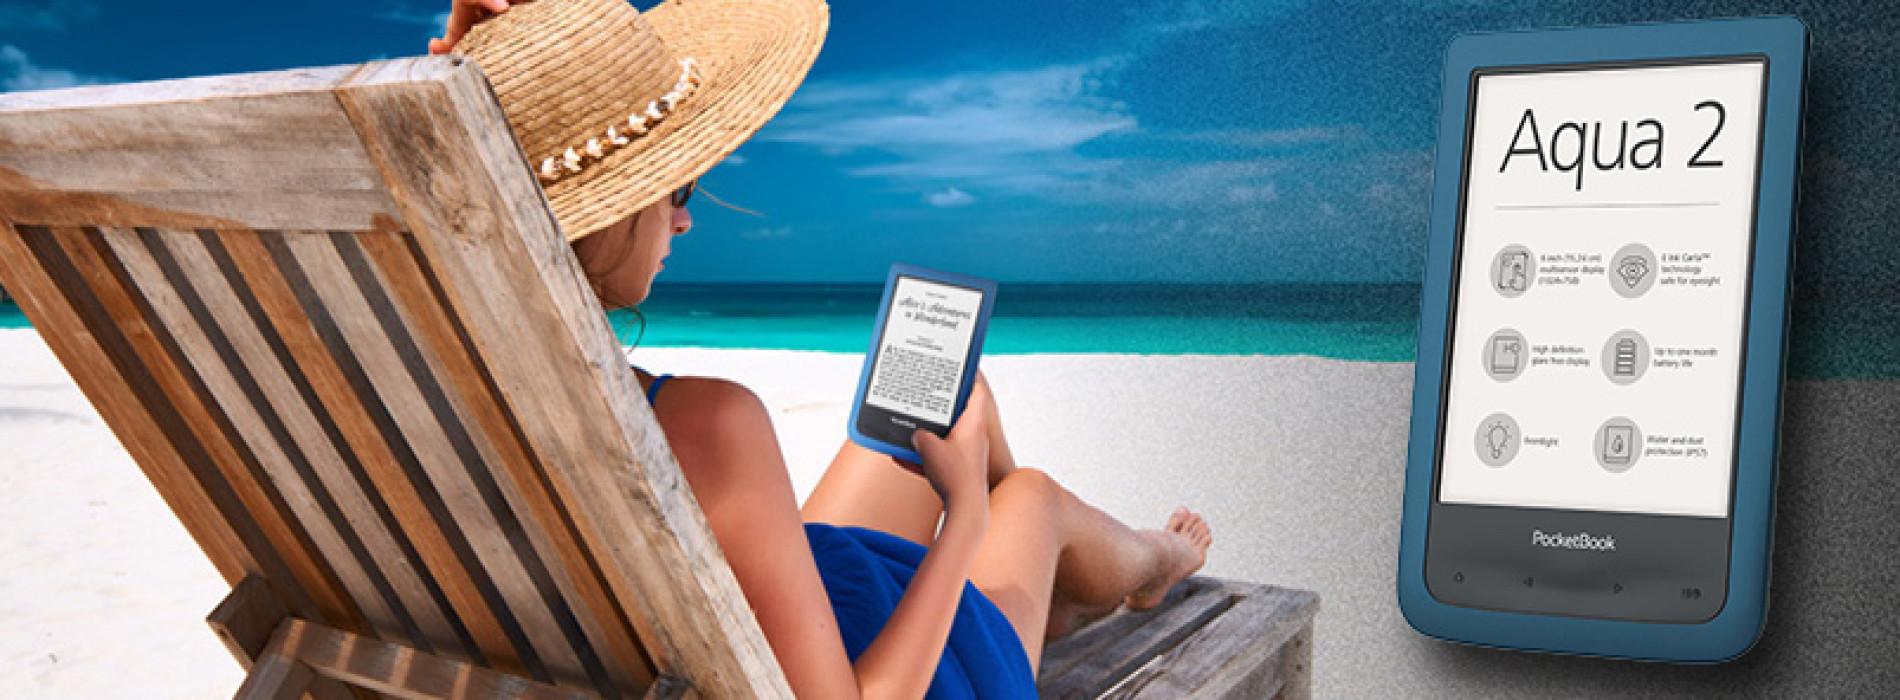 Pocketbook Aqua 2 – první zkušenosti a srovnání s Pocketbook Touch Lux 3